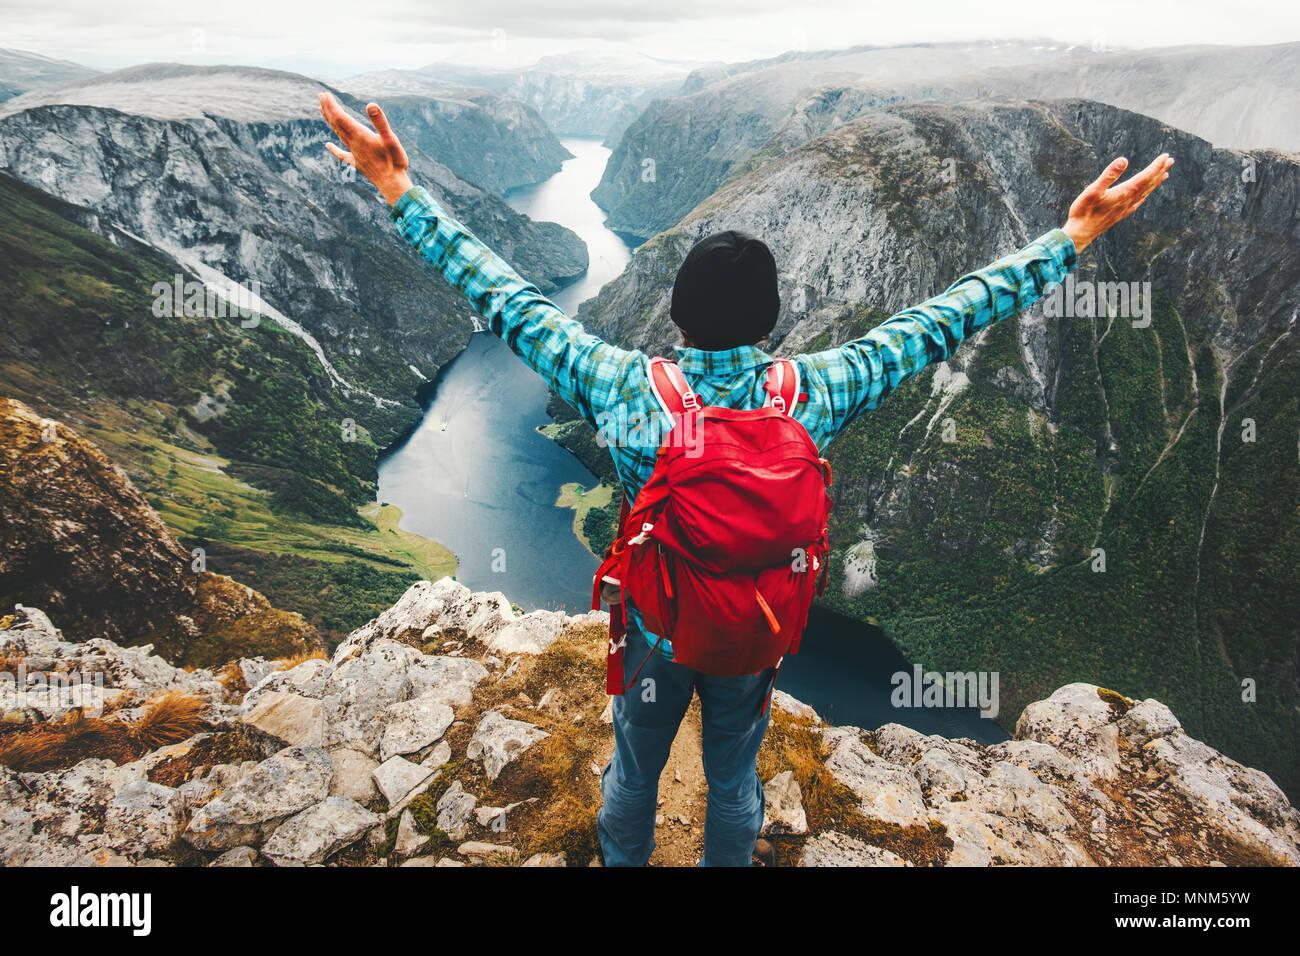 Meilleur homme sur le sommet de la montagne succès soulevé mains healthy lifestyle Travel vacances d'aventure au-dessus de Naeroyfjord en Norvège Photo Stock